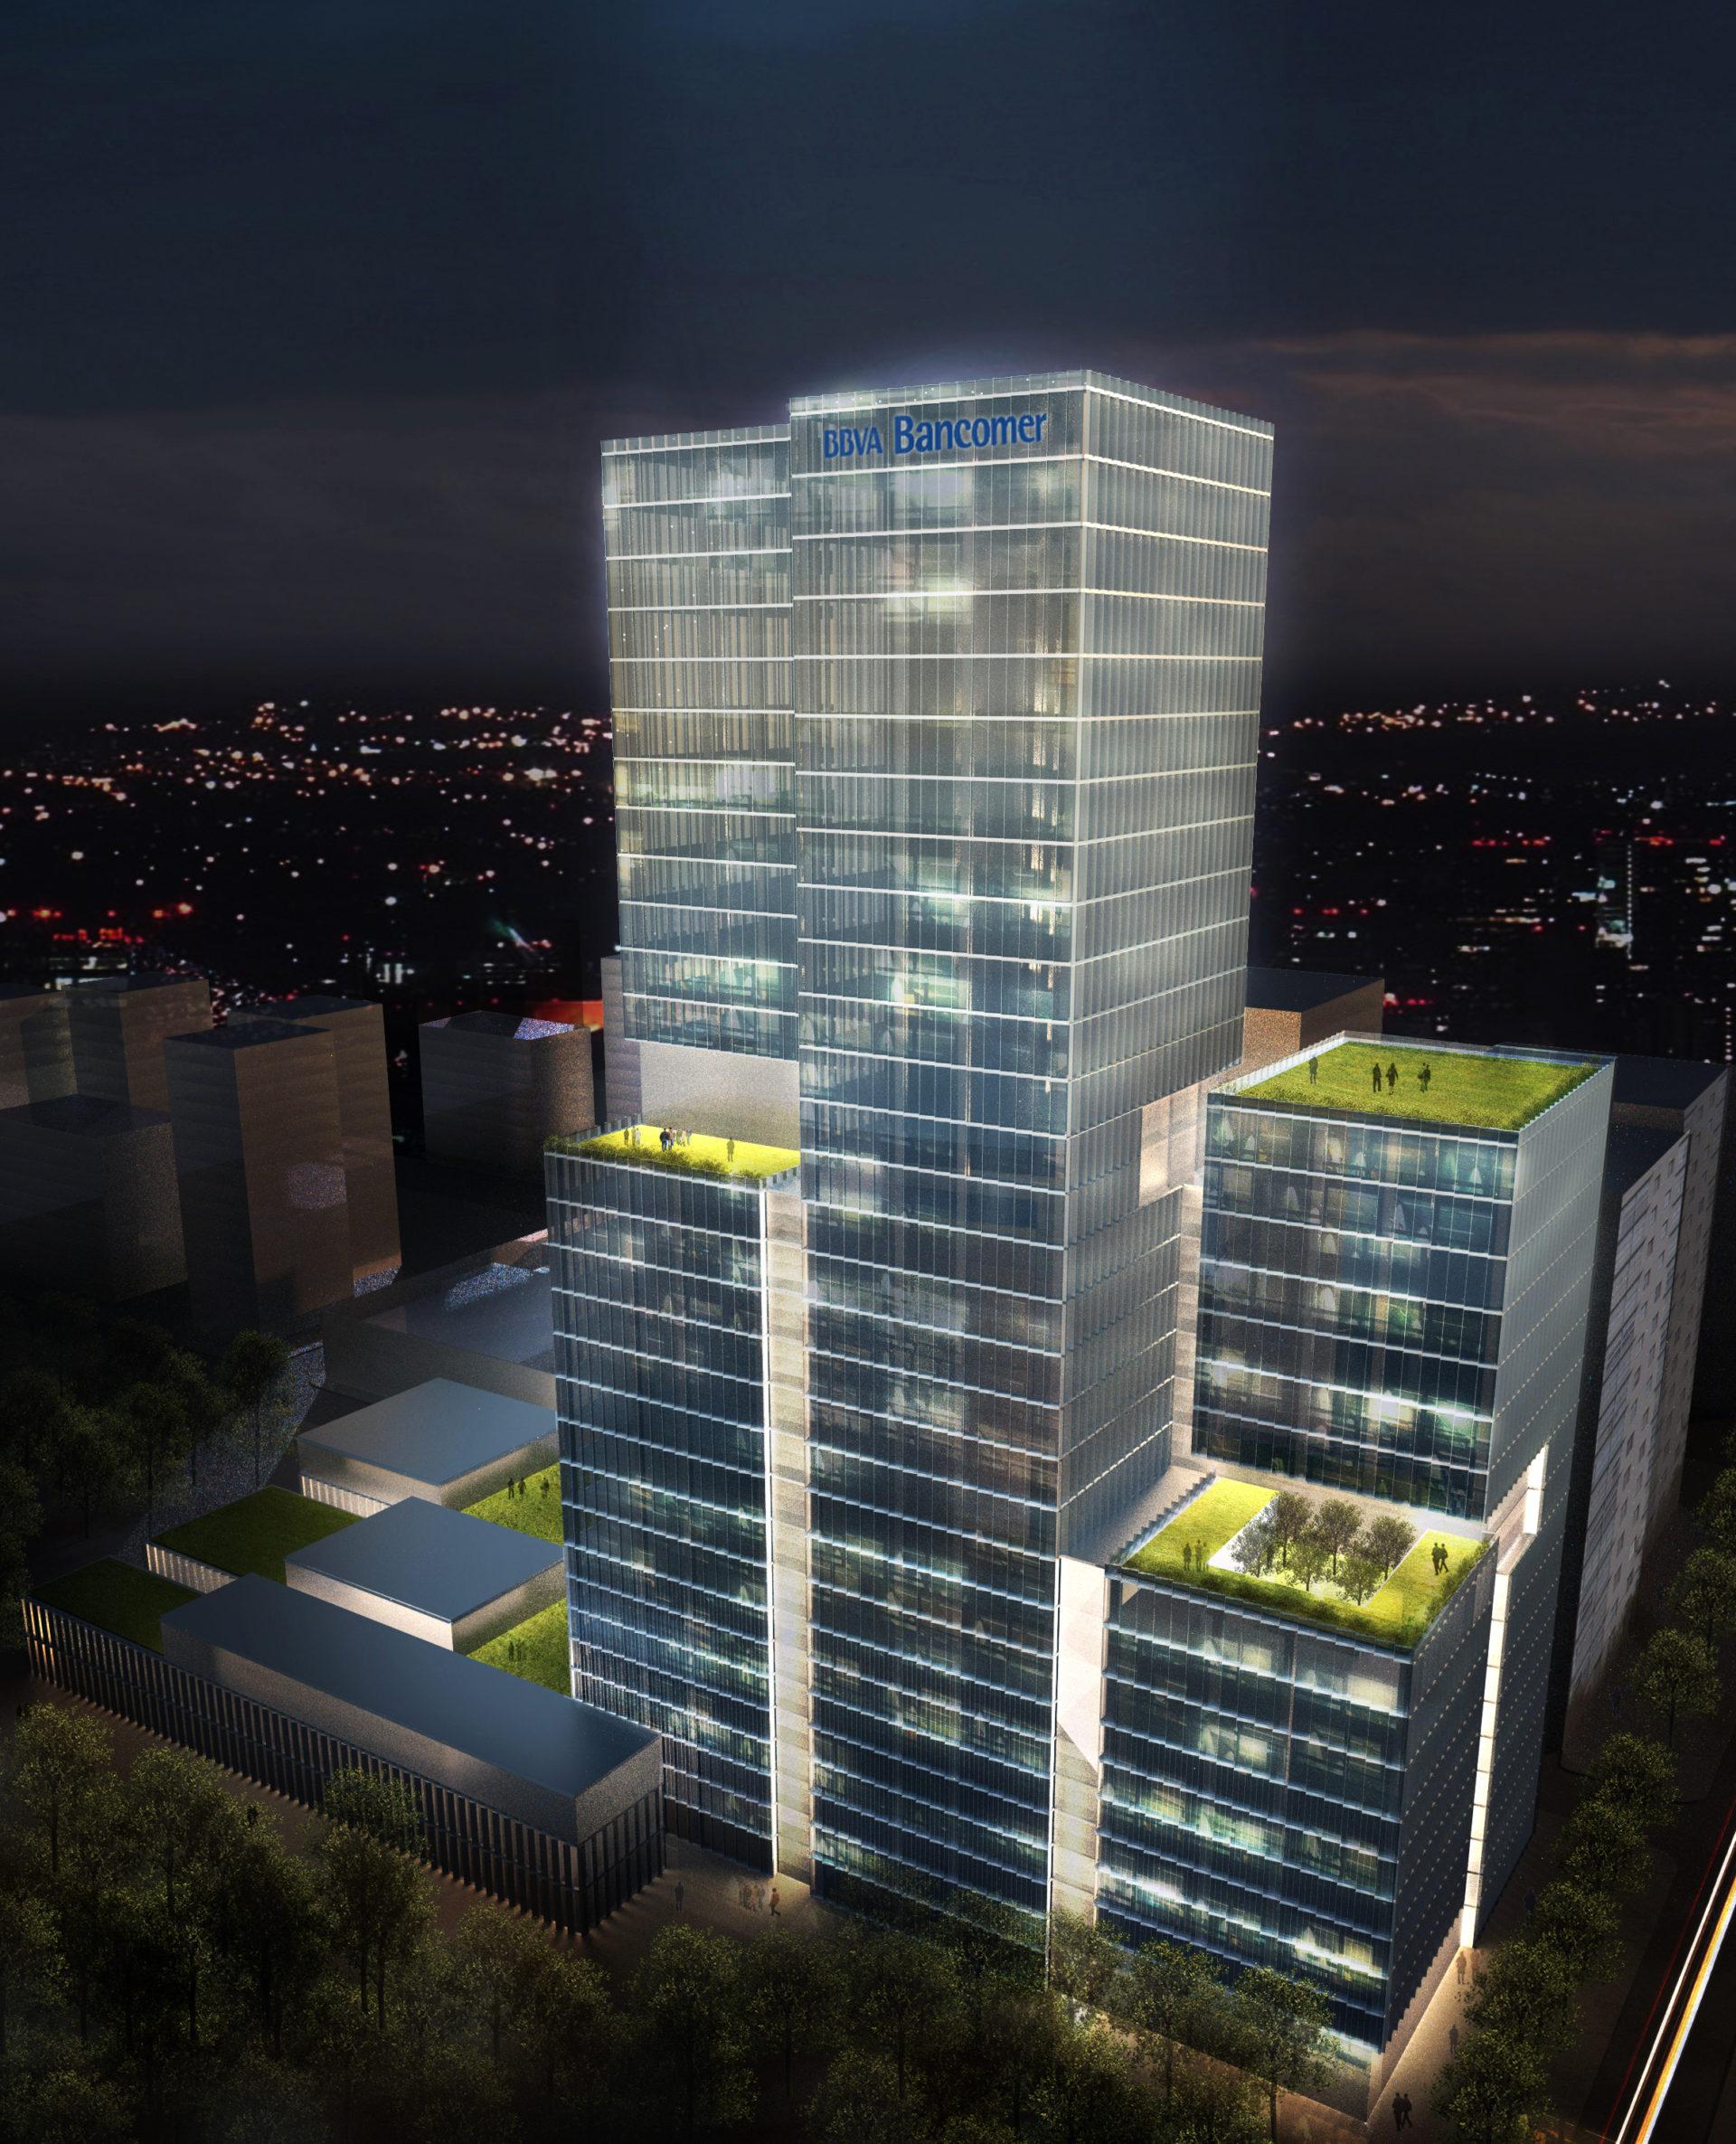 bbva bancomer operating center in the parques polanco complex designed by legorreta + legorreta